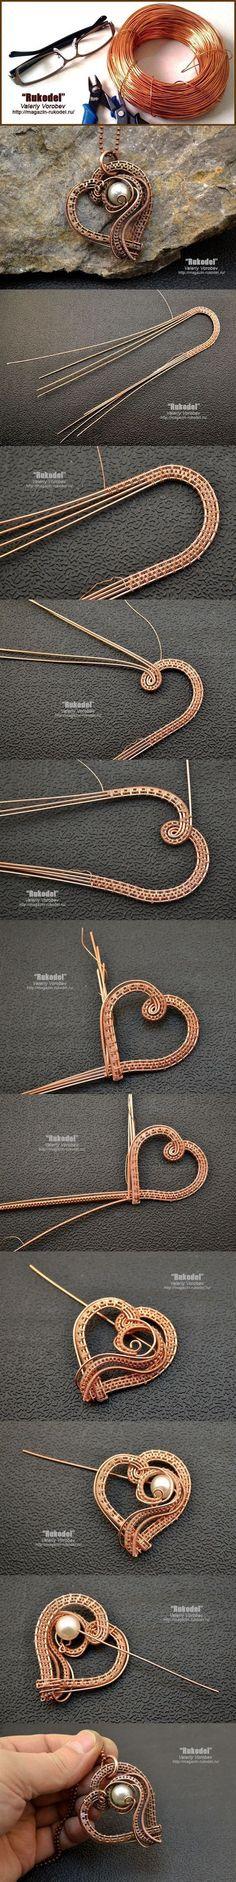 Wire Wrap Pendant - magazin-rukodel.ru/... #wirewrappedjewelry